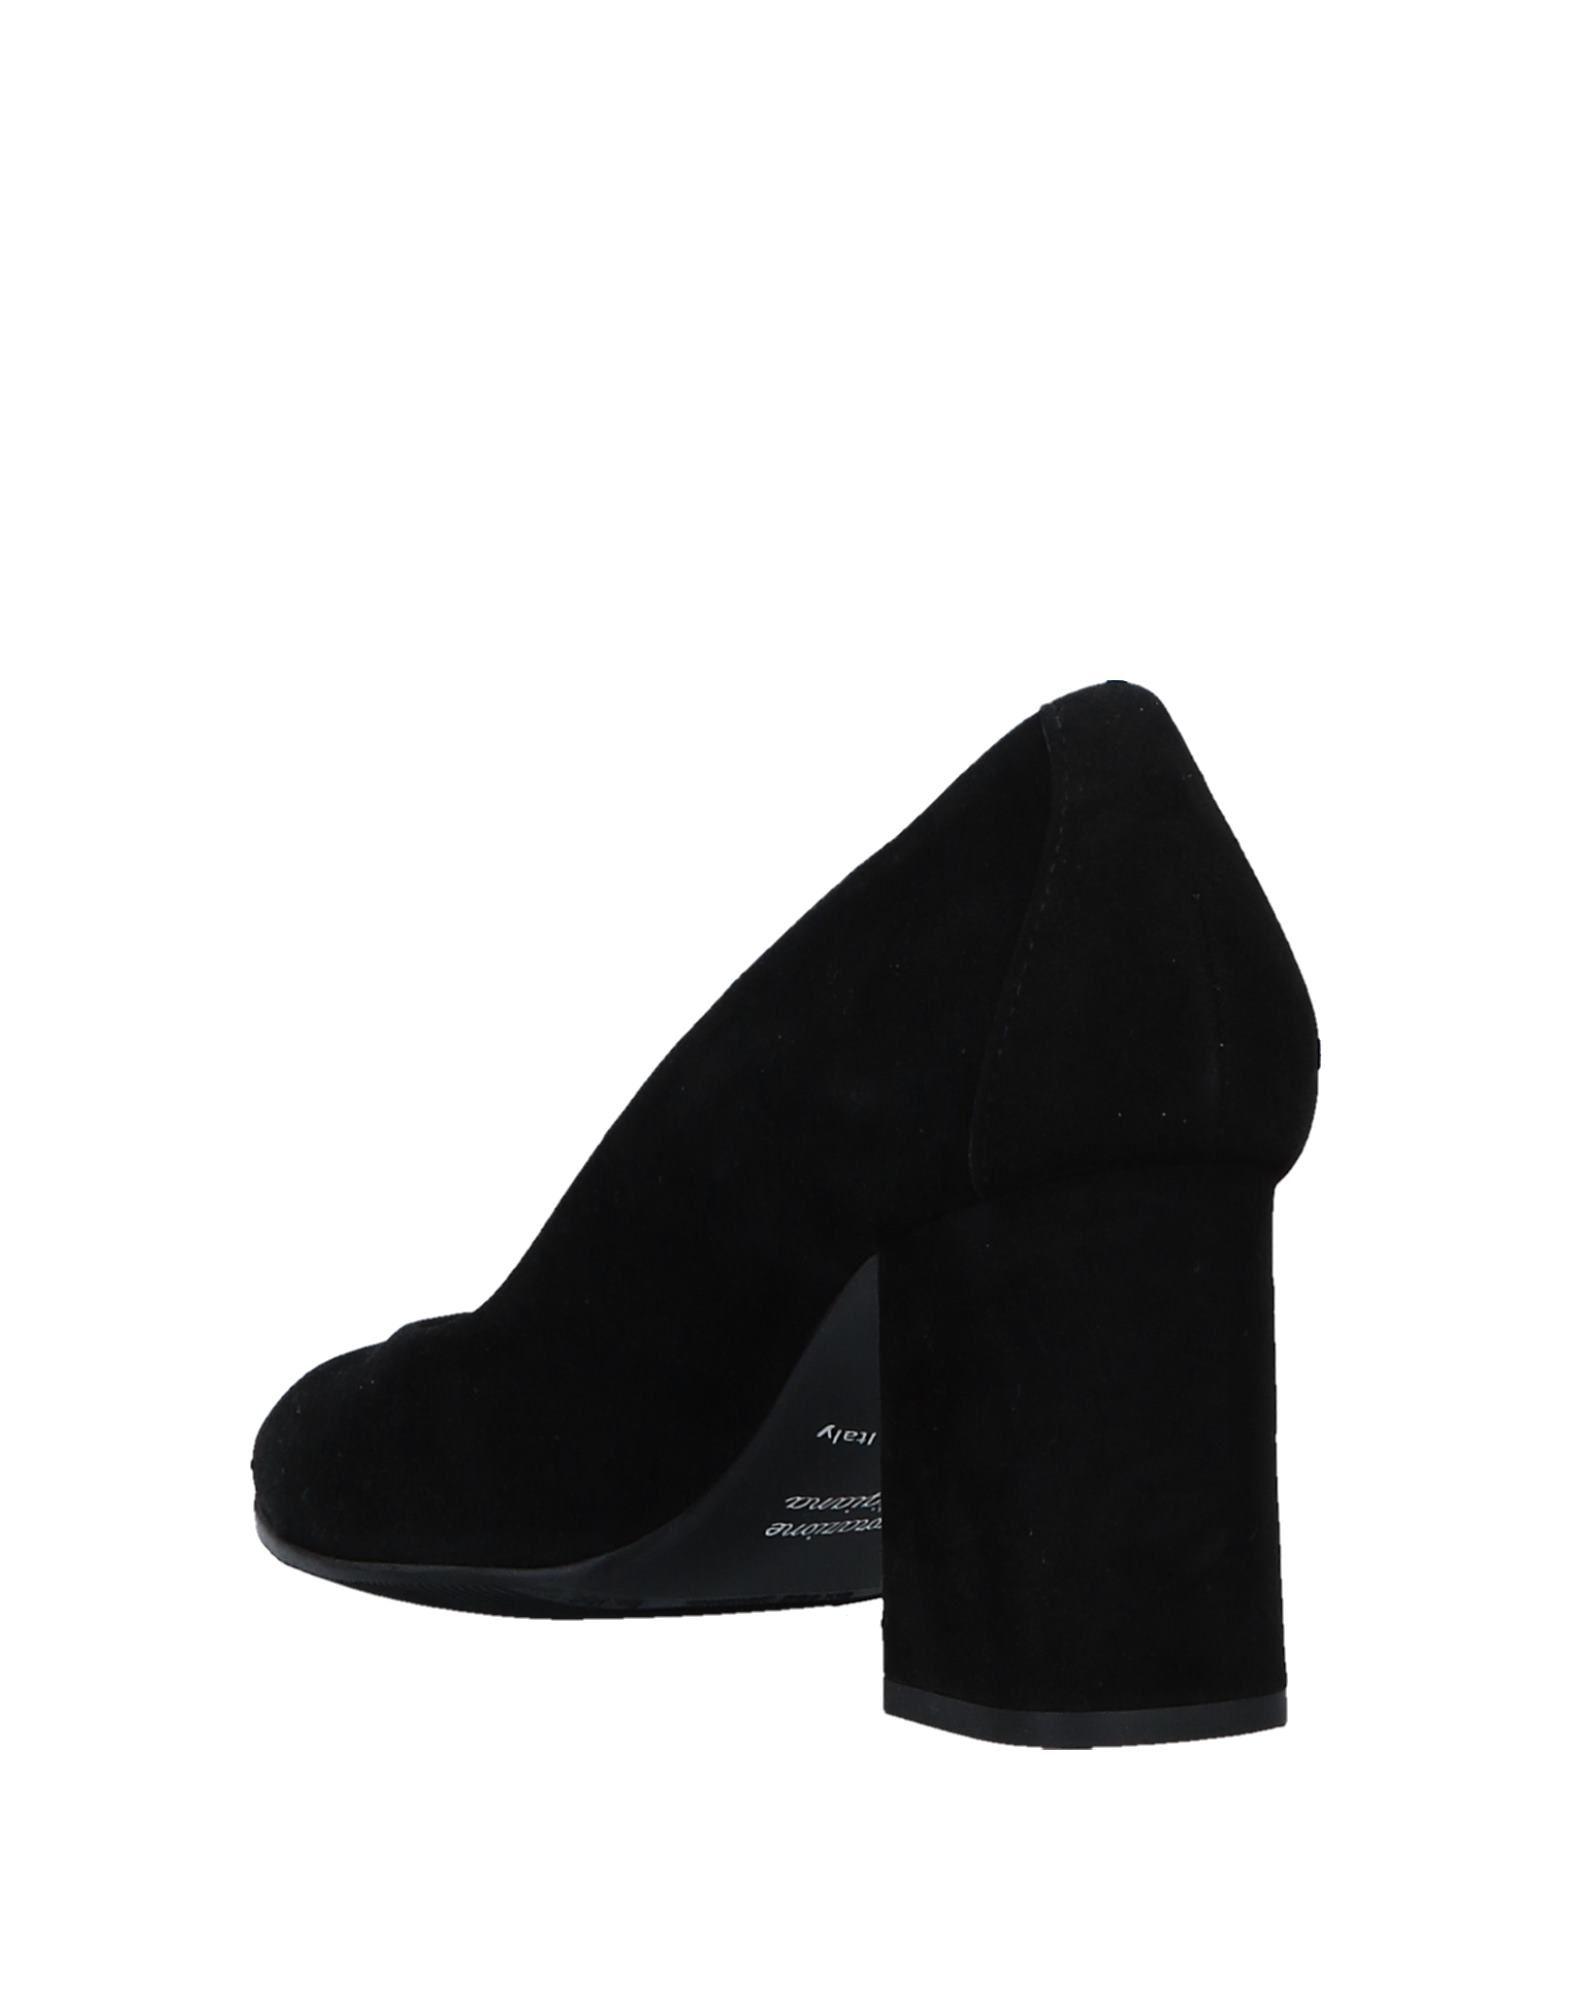 Stilvolle billige Pumps Schuhe F.Lli Bruglia Pumps billige Damen  11520443WK 9e544b